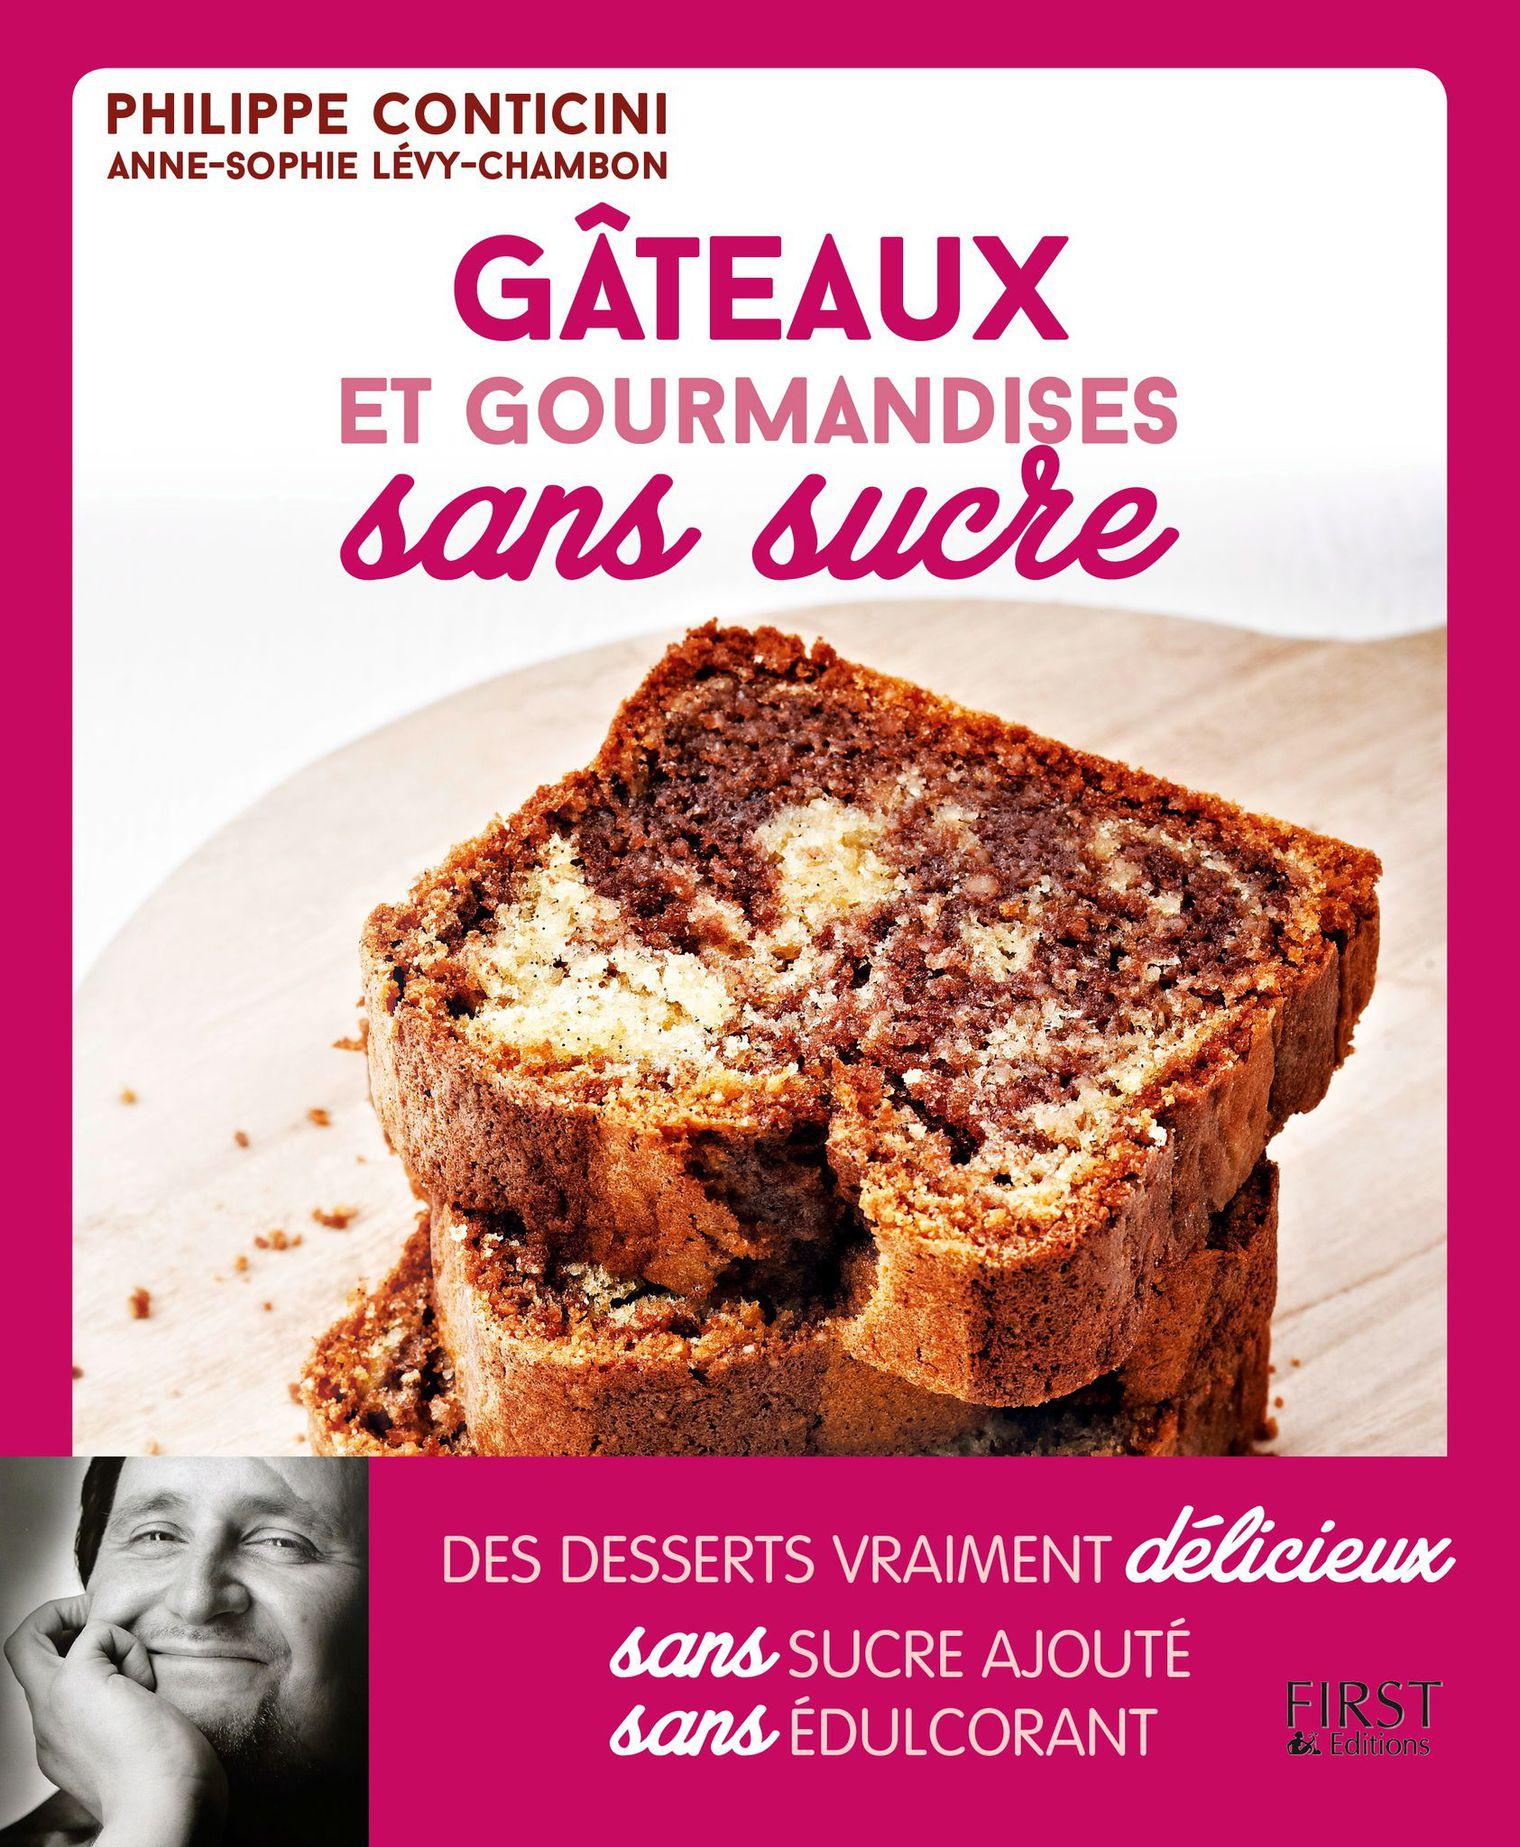 Nouveaux concepts : Gâteaux et gourmandises sans sucre de Philippe Conticini